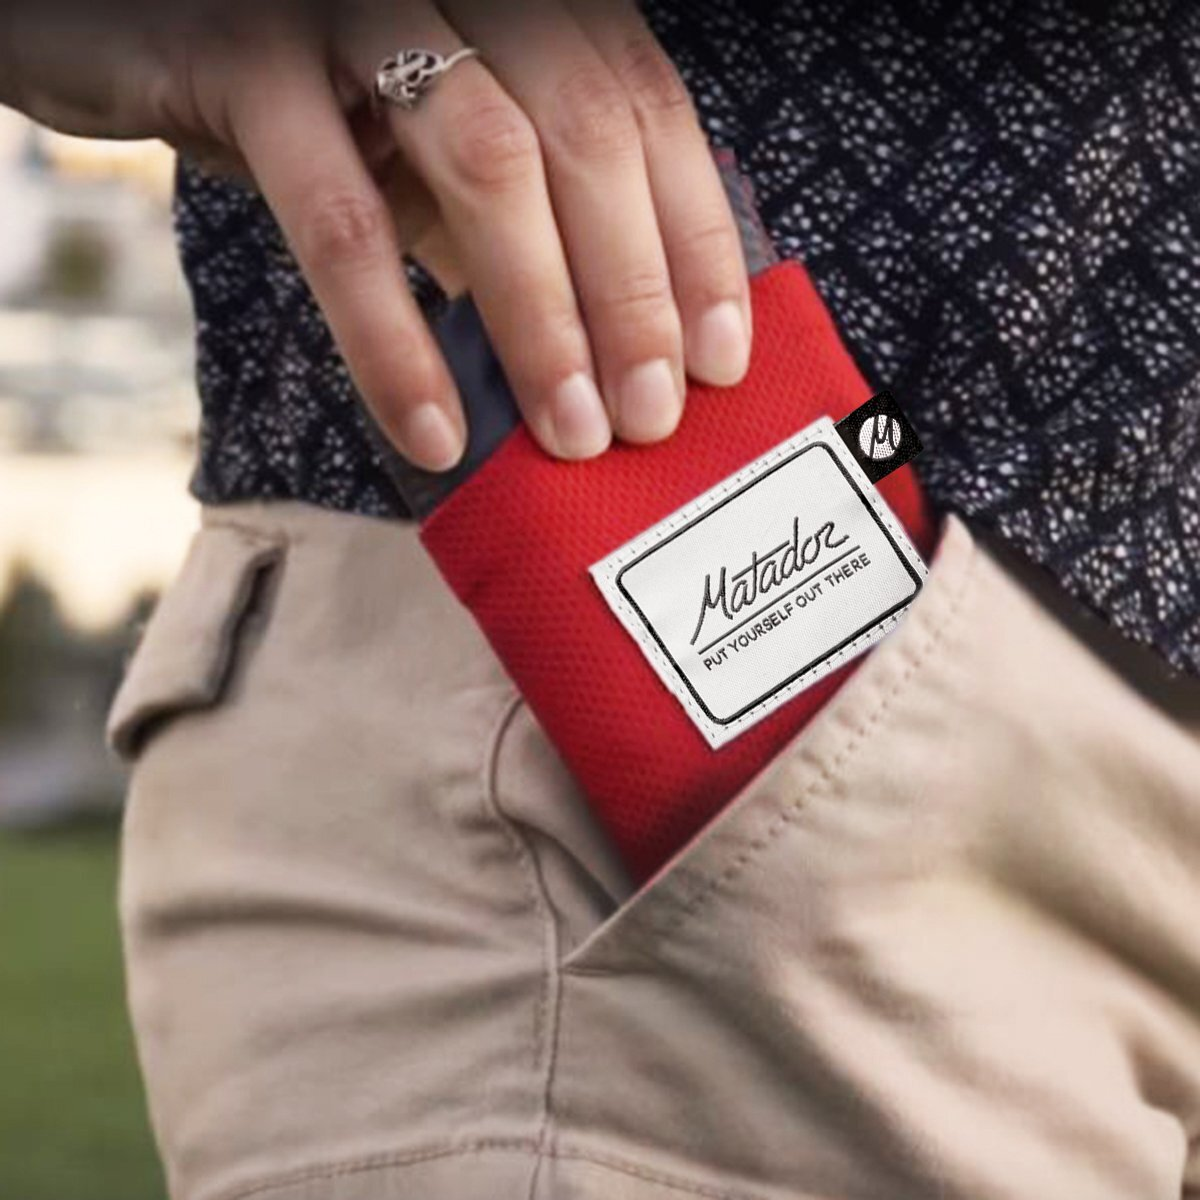 Matador-Pocket-Blanket-Best-Gifts-For-Hikers-For-Her.jpg